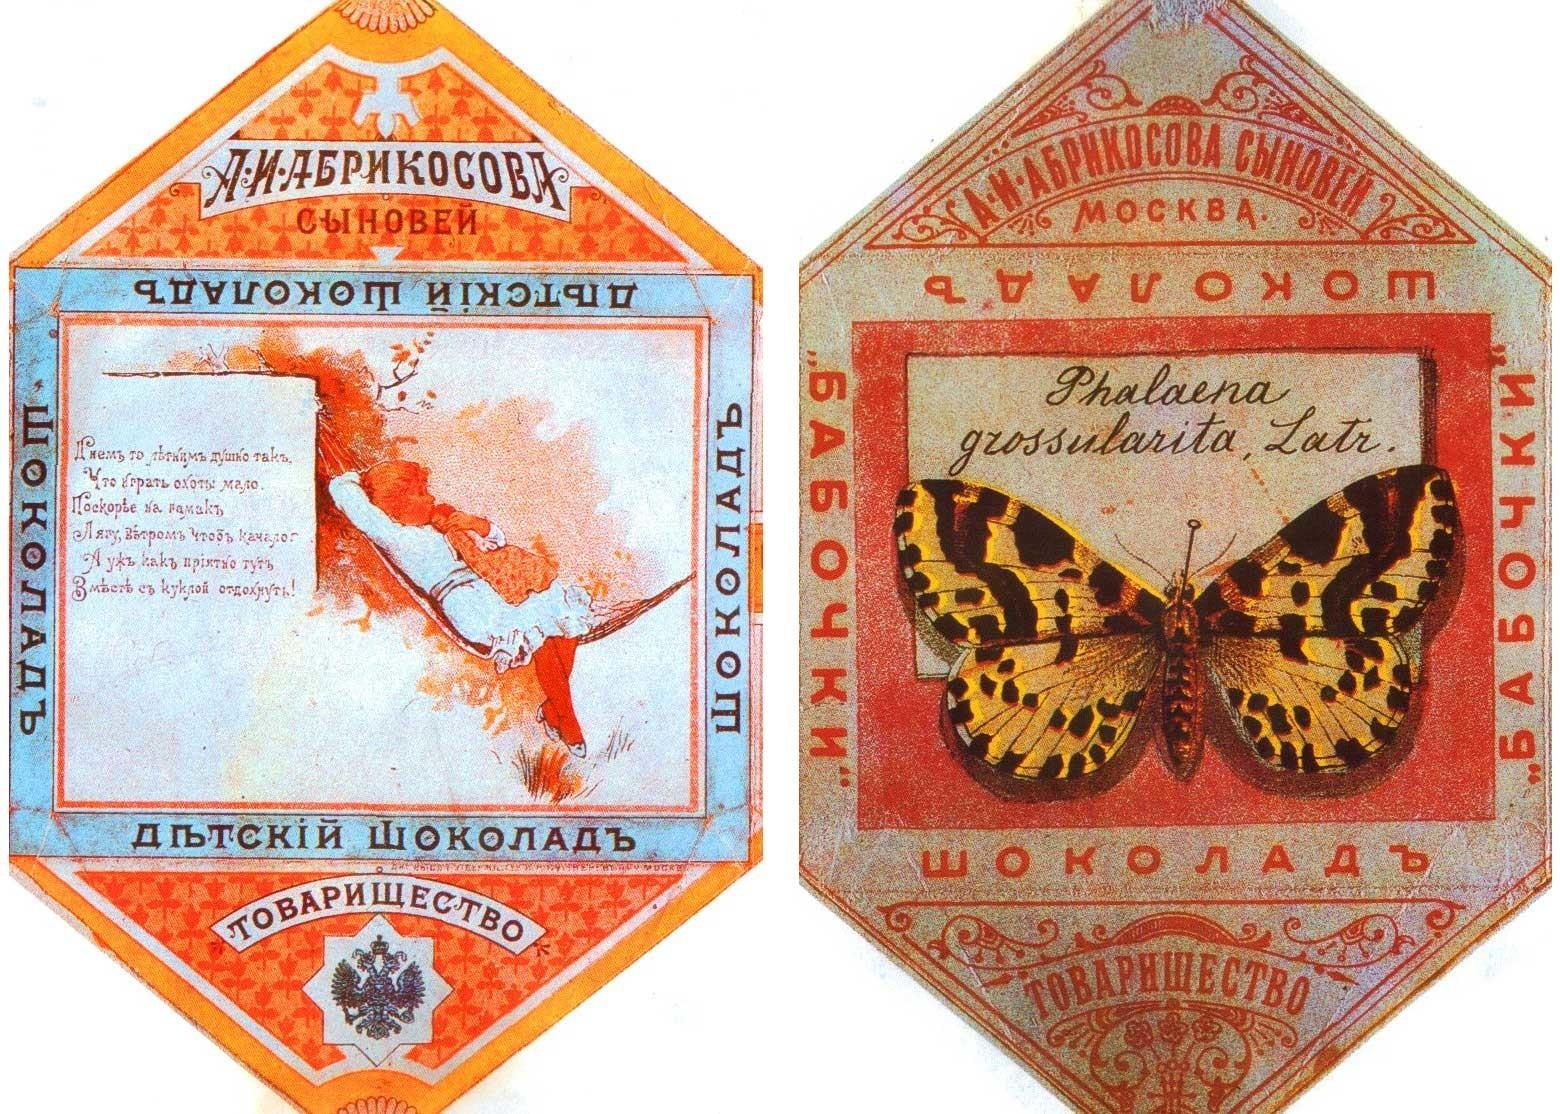 Doces da Abrikosov